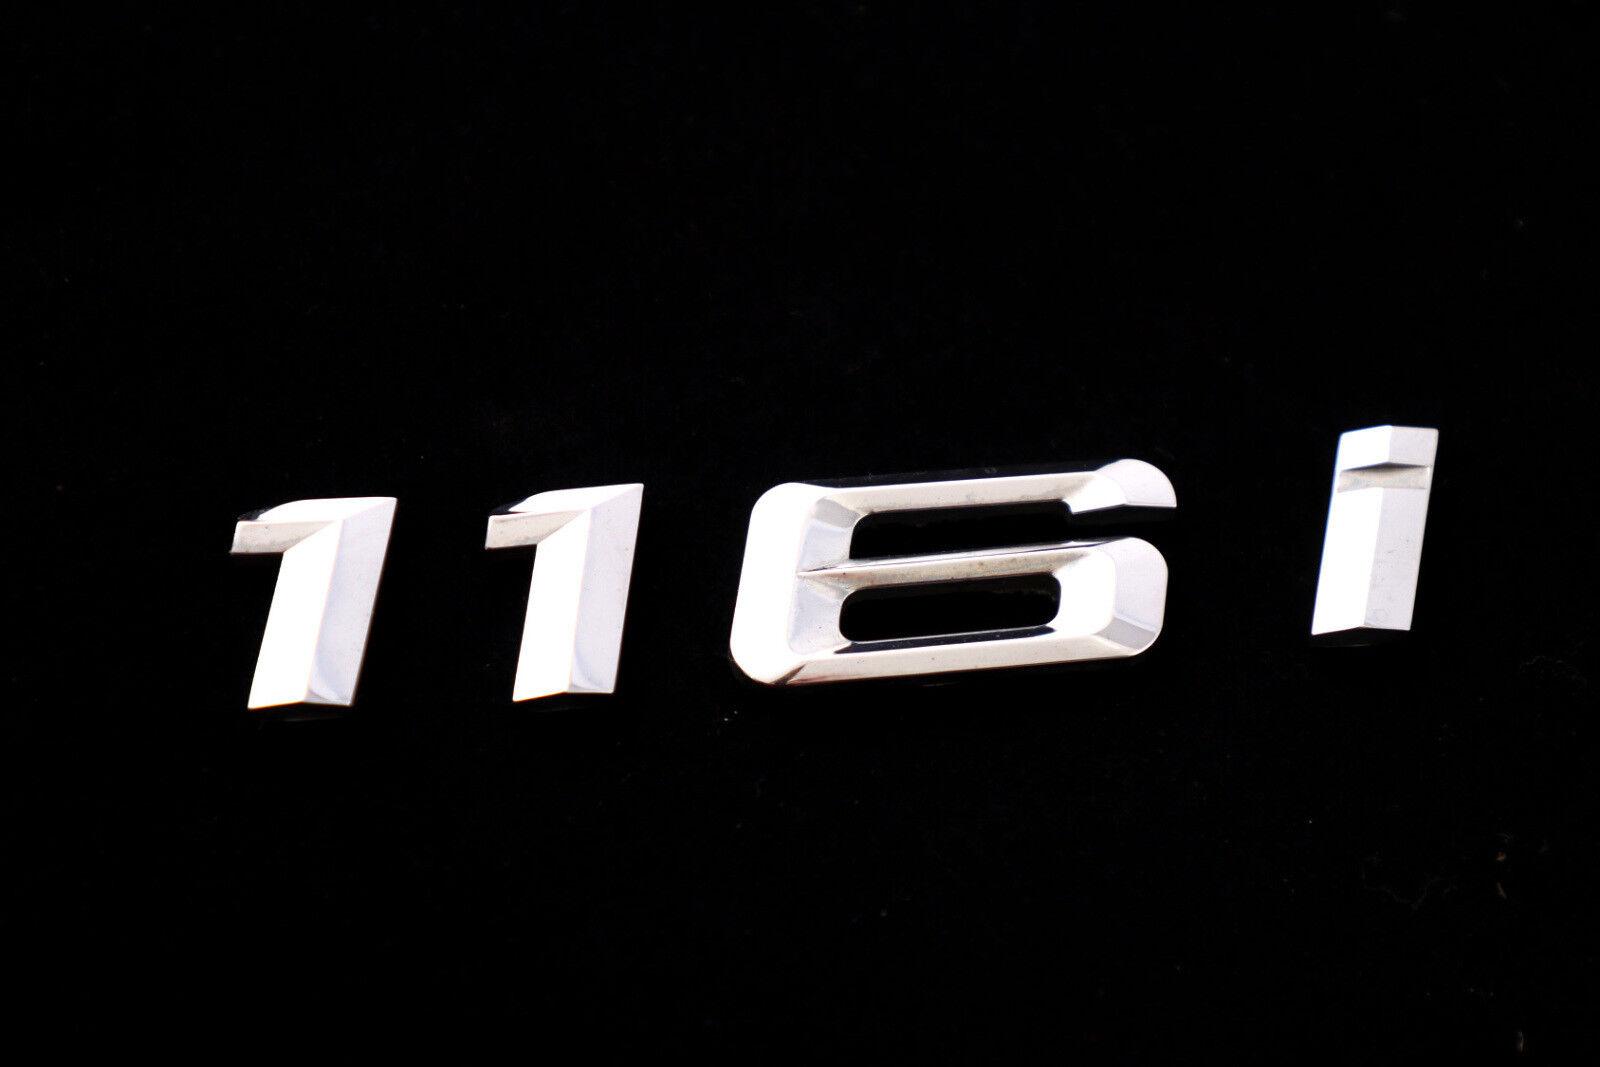 BMW 1 Série E81 E87 F20 116i Coffre Arrière Couvercle Hayon adhéré Emblème Lettrage